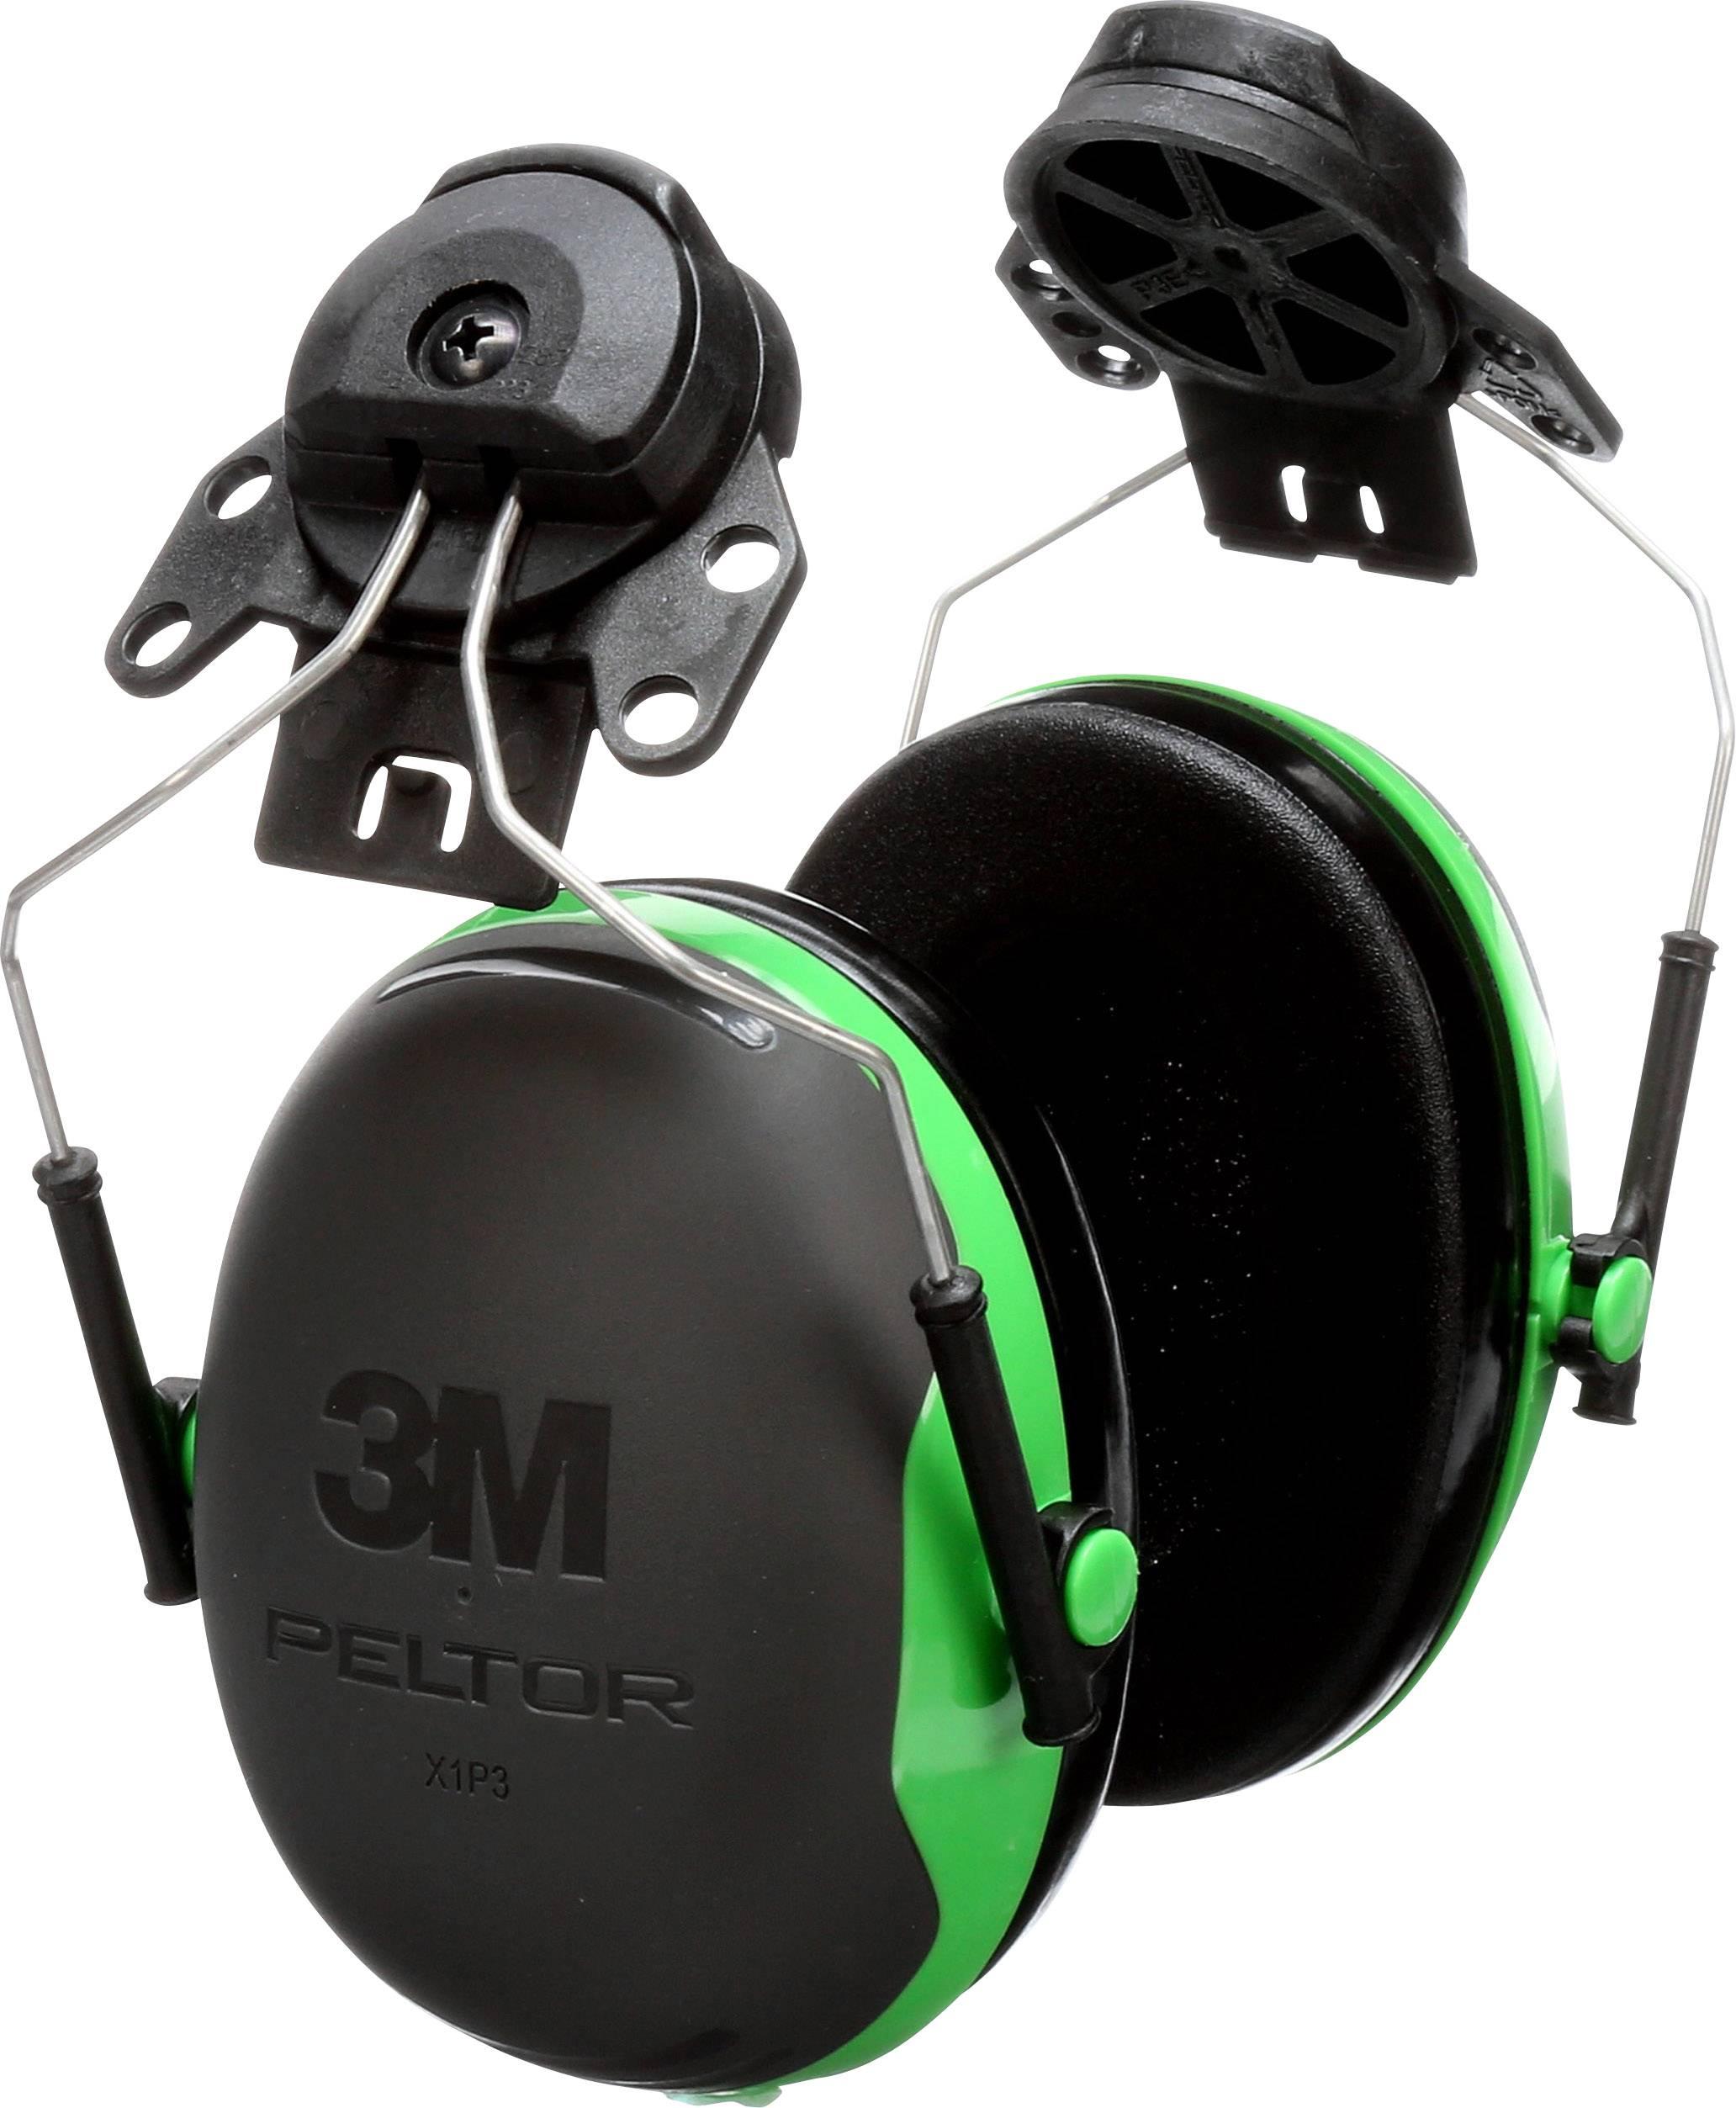 Mušlový chránič sluchu 3M Peltor X1P3E, 26 dB, 1 ks